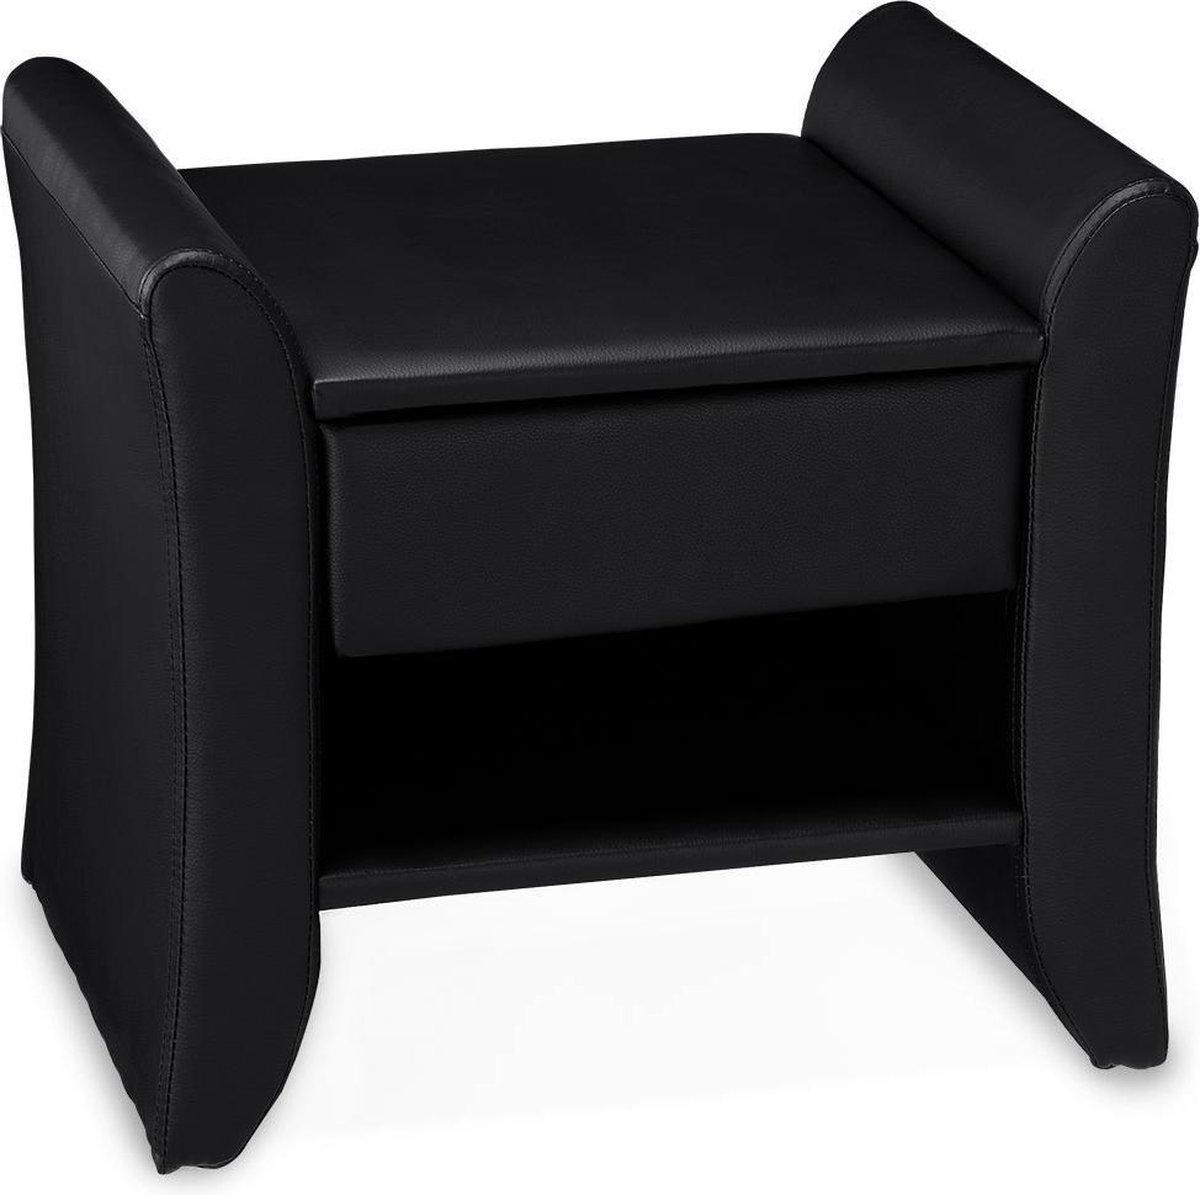 Design nachtkastje Bali met 1 lade kunstleer 44x47x37 cm zwart kopen